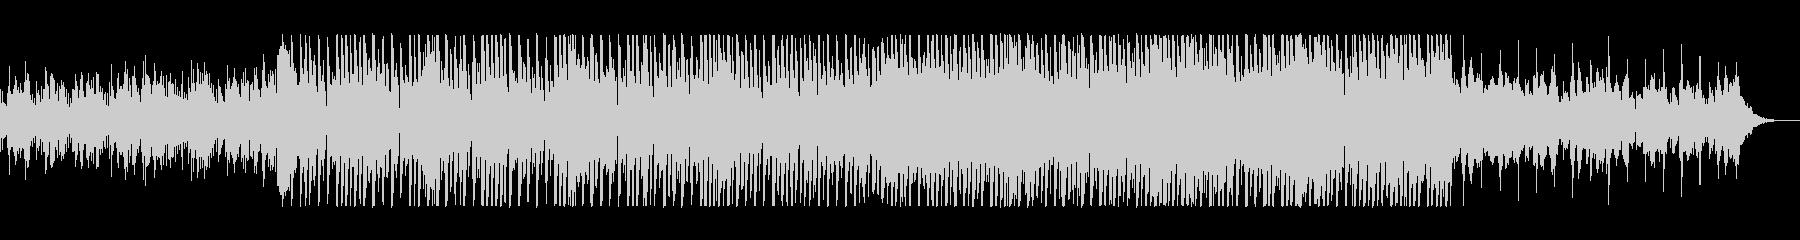 疾走感のあるピアノシンセサイザーサウンドの未再生の波形